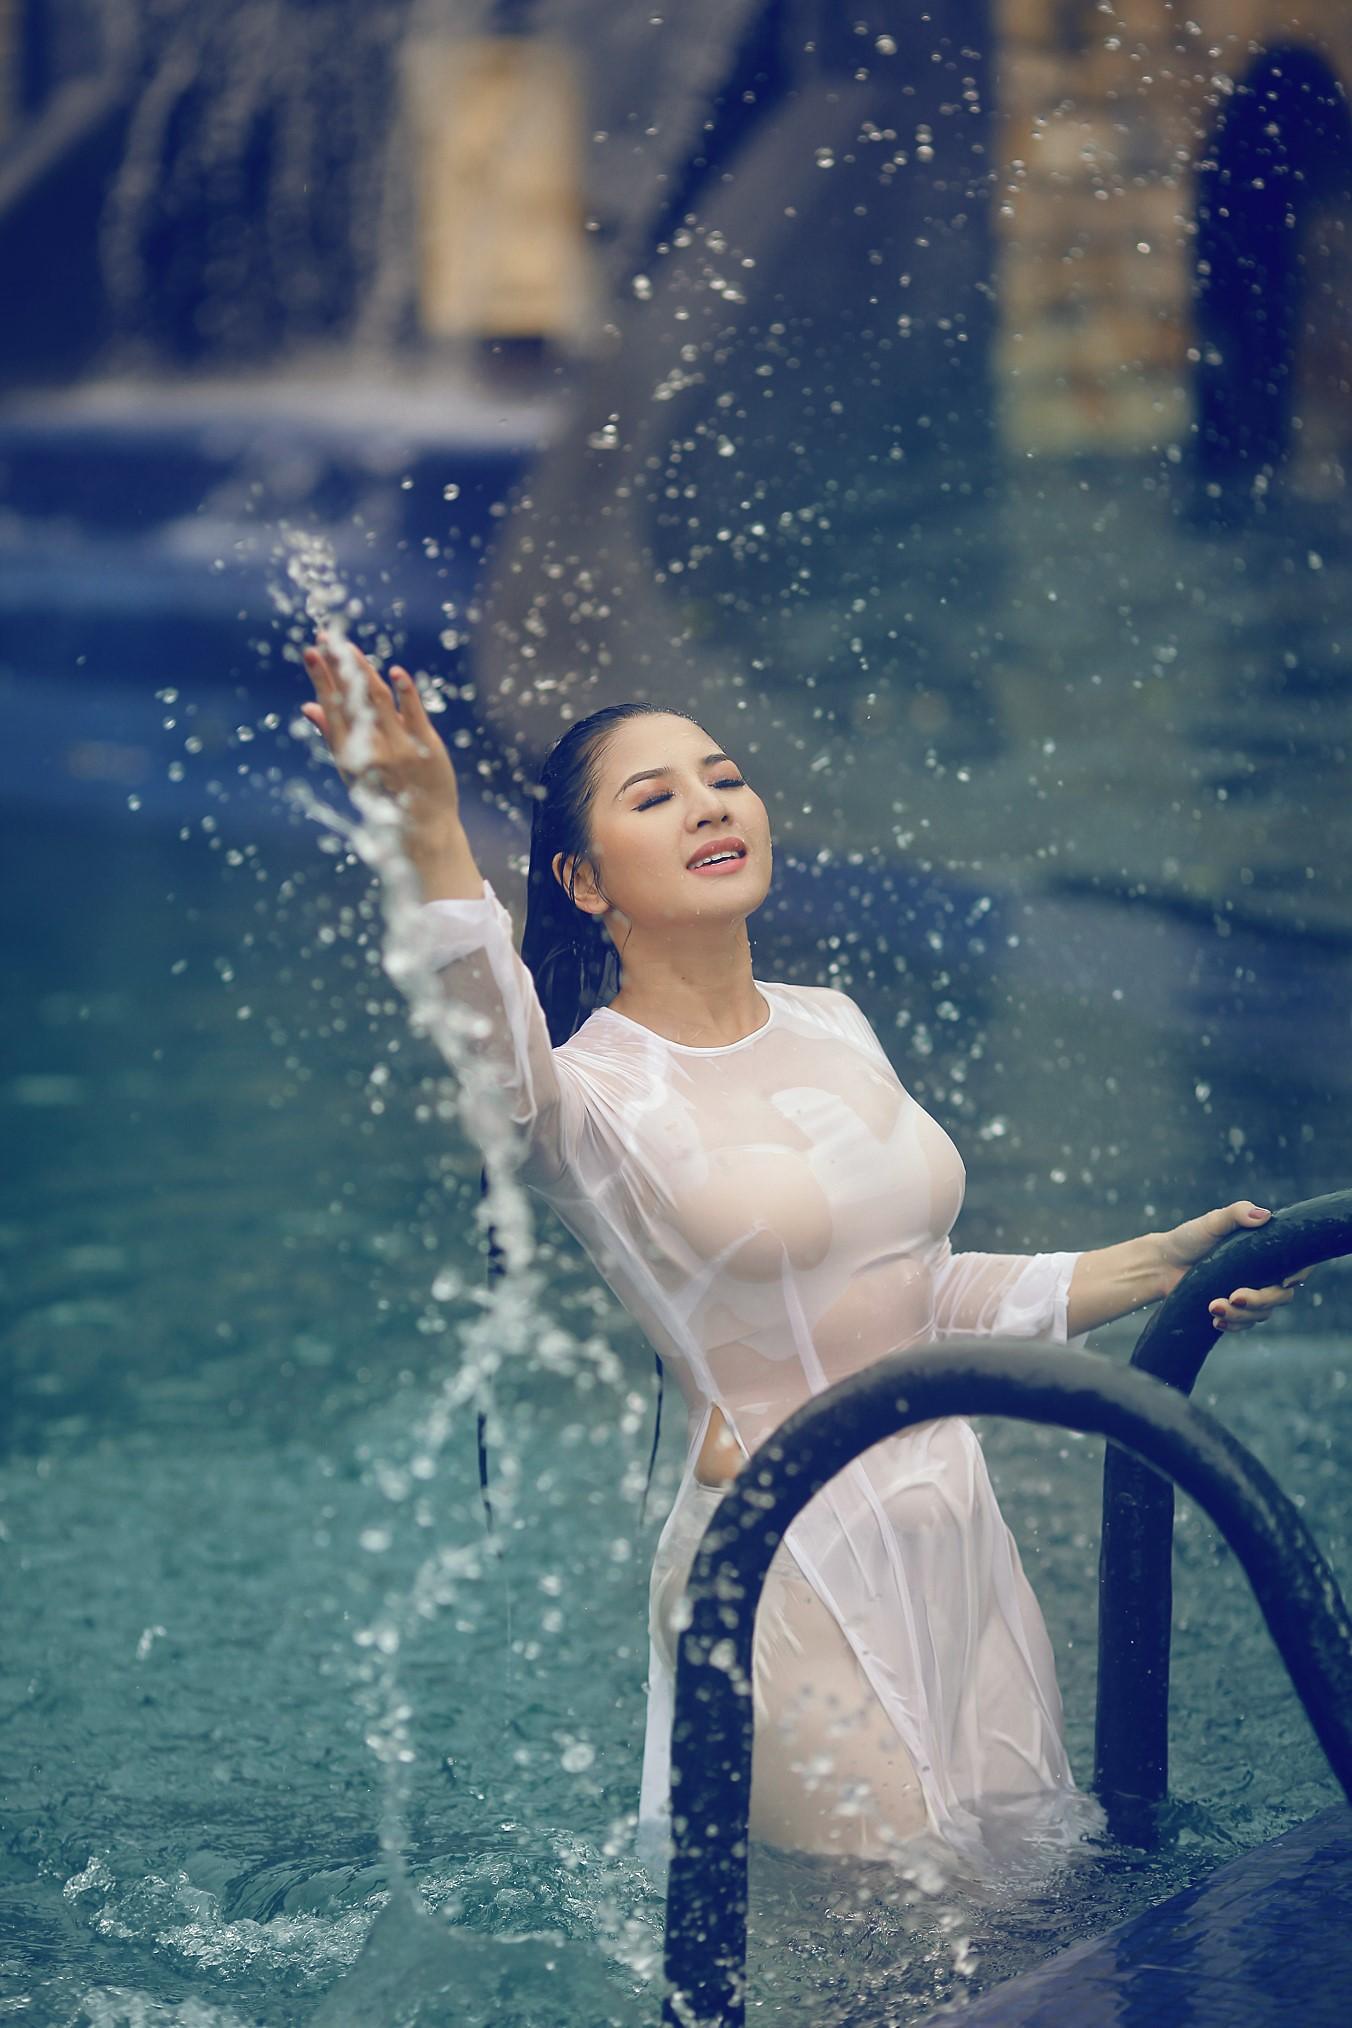 Tuyển tập girl xinh gái đẹp Việt Nam mặc áo dài đẹp mê hồn #57 - 3